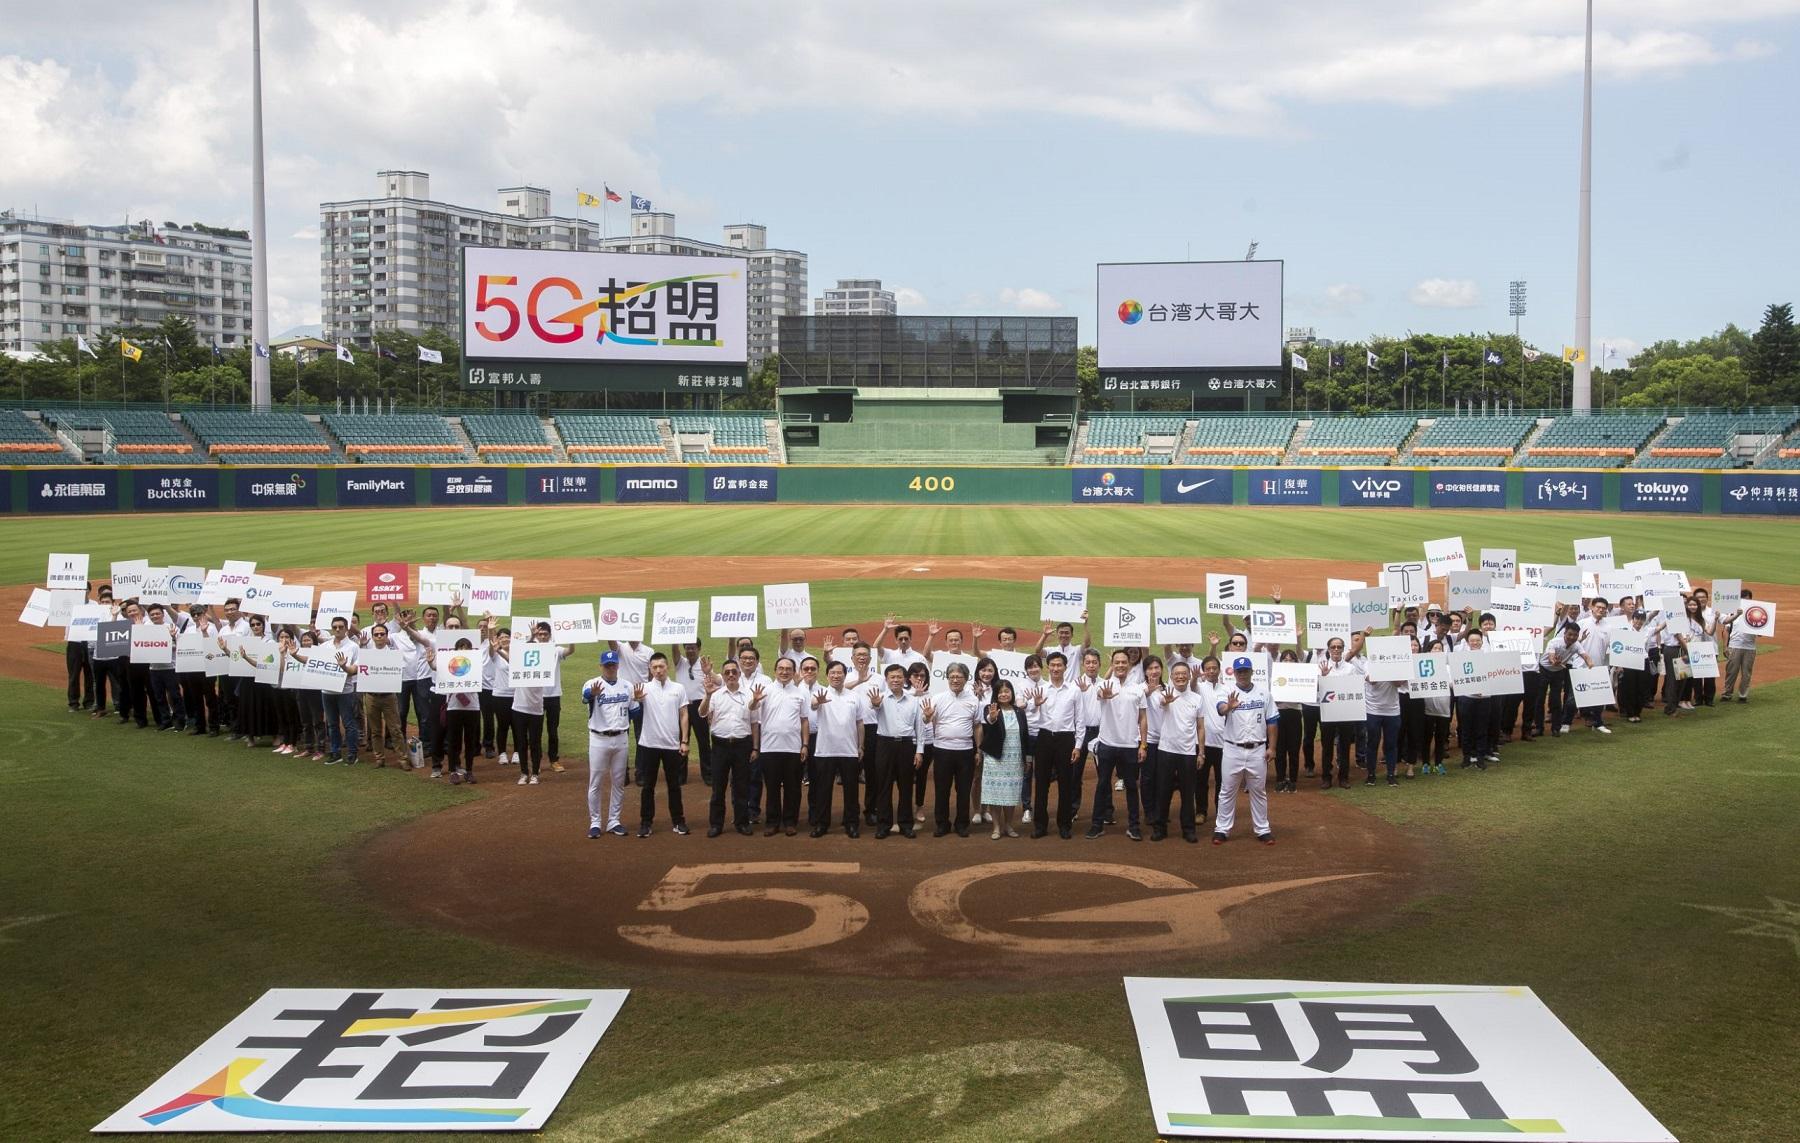 台灣大哥大於30日在新北市新莊半球場舉辦「5G超盟」誓師大會。圖/攝影:劉咸昌